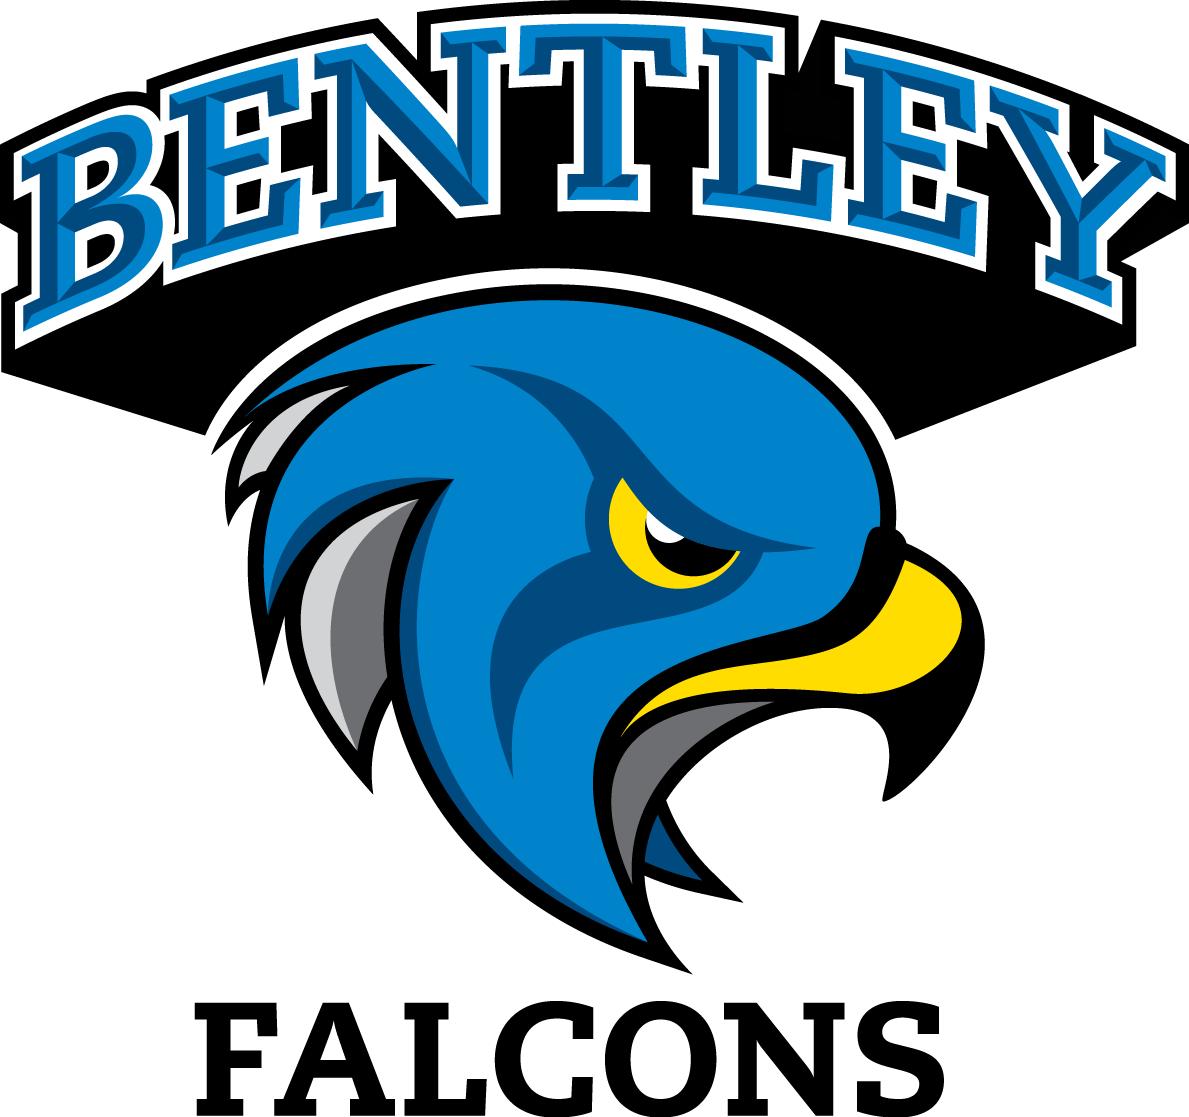 Bentley Falcons Logo Alternate Logo (2013-Pres) -  SportsLogos.Net